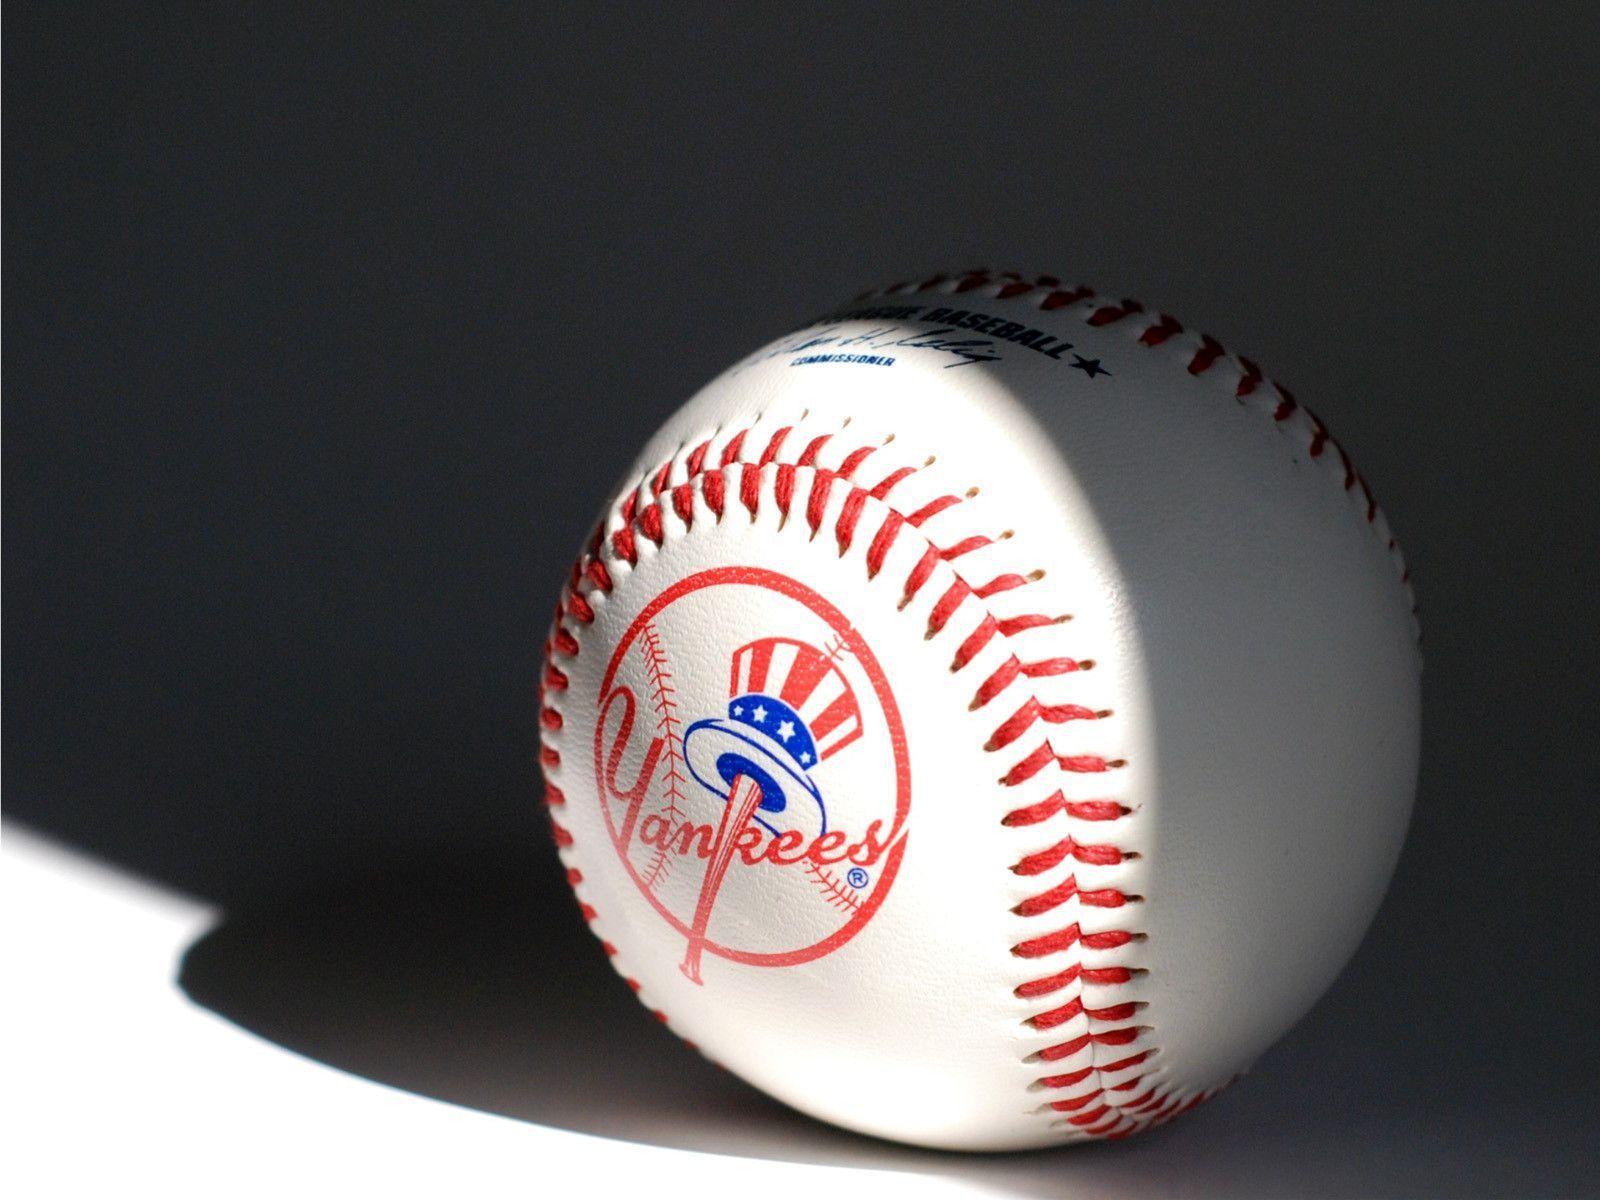 New York Yankees Desktop Wallpapers - Wallpaper CaveYankees